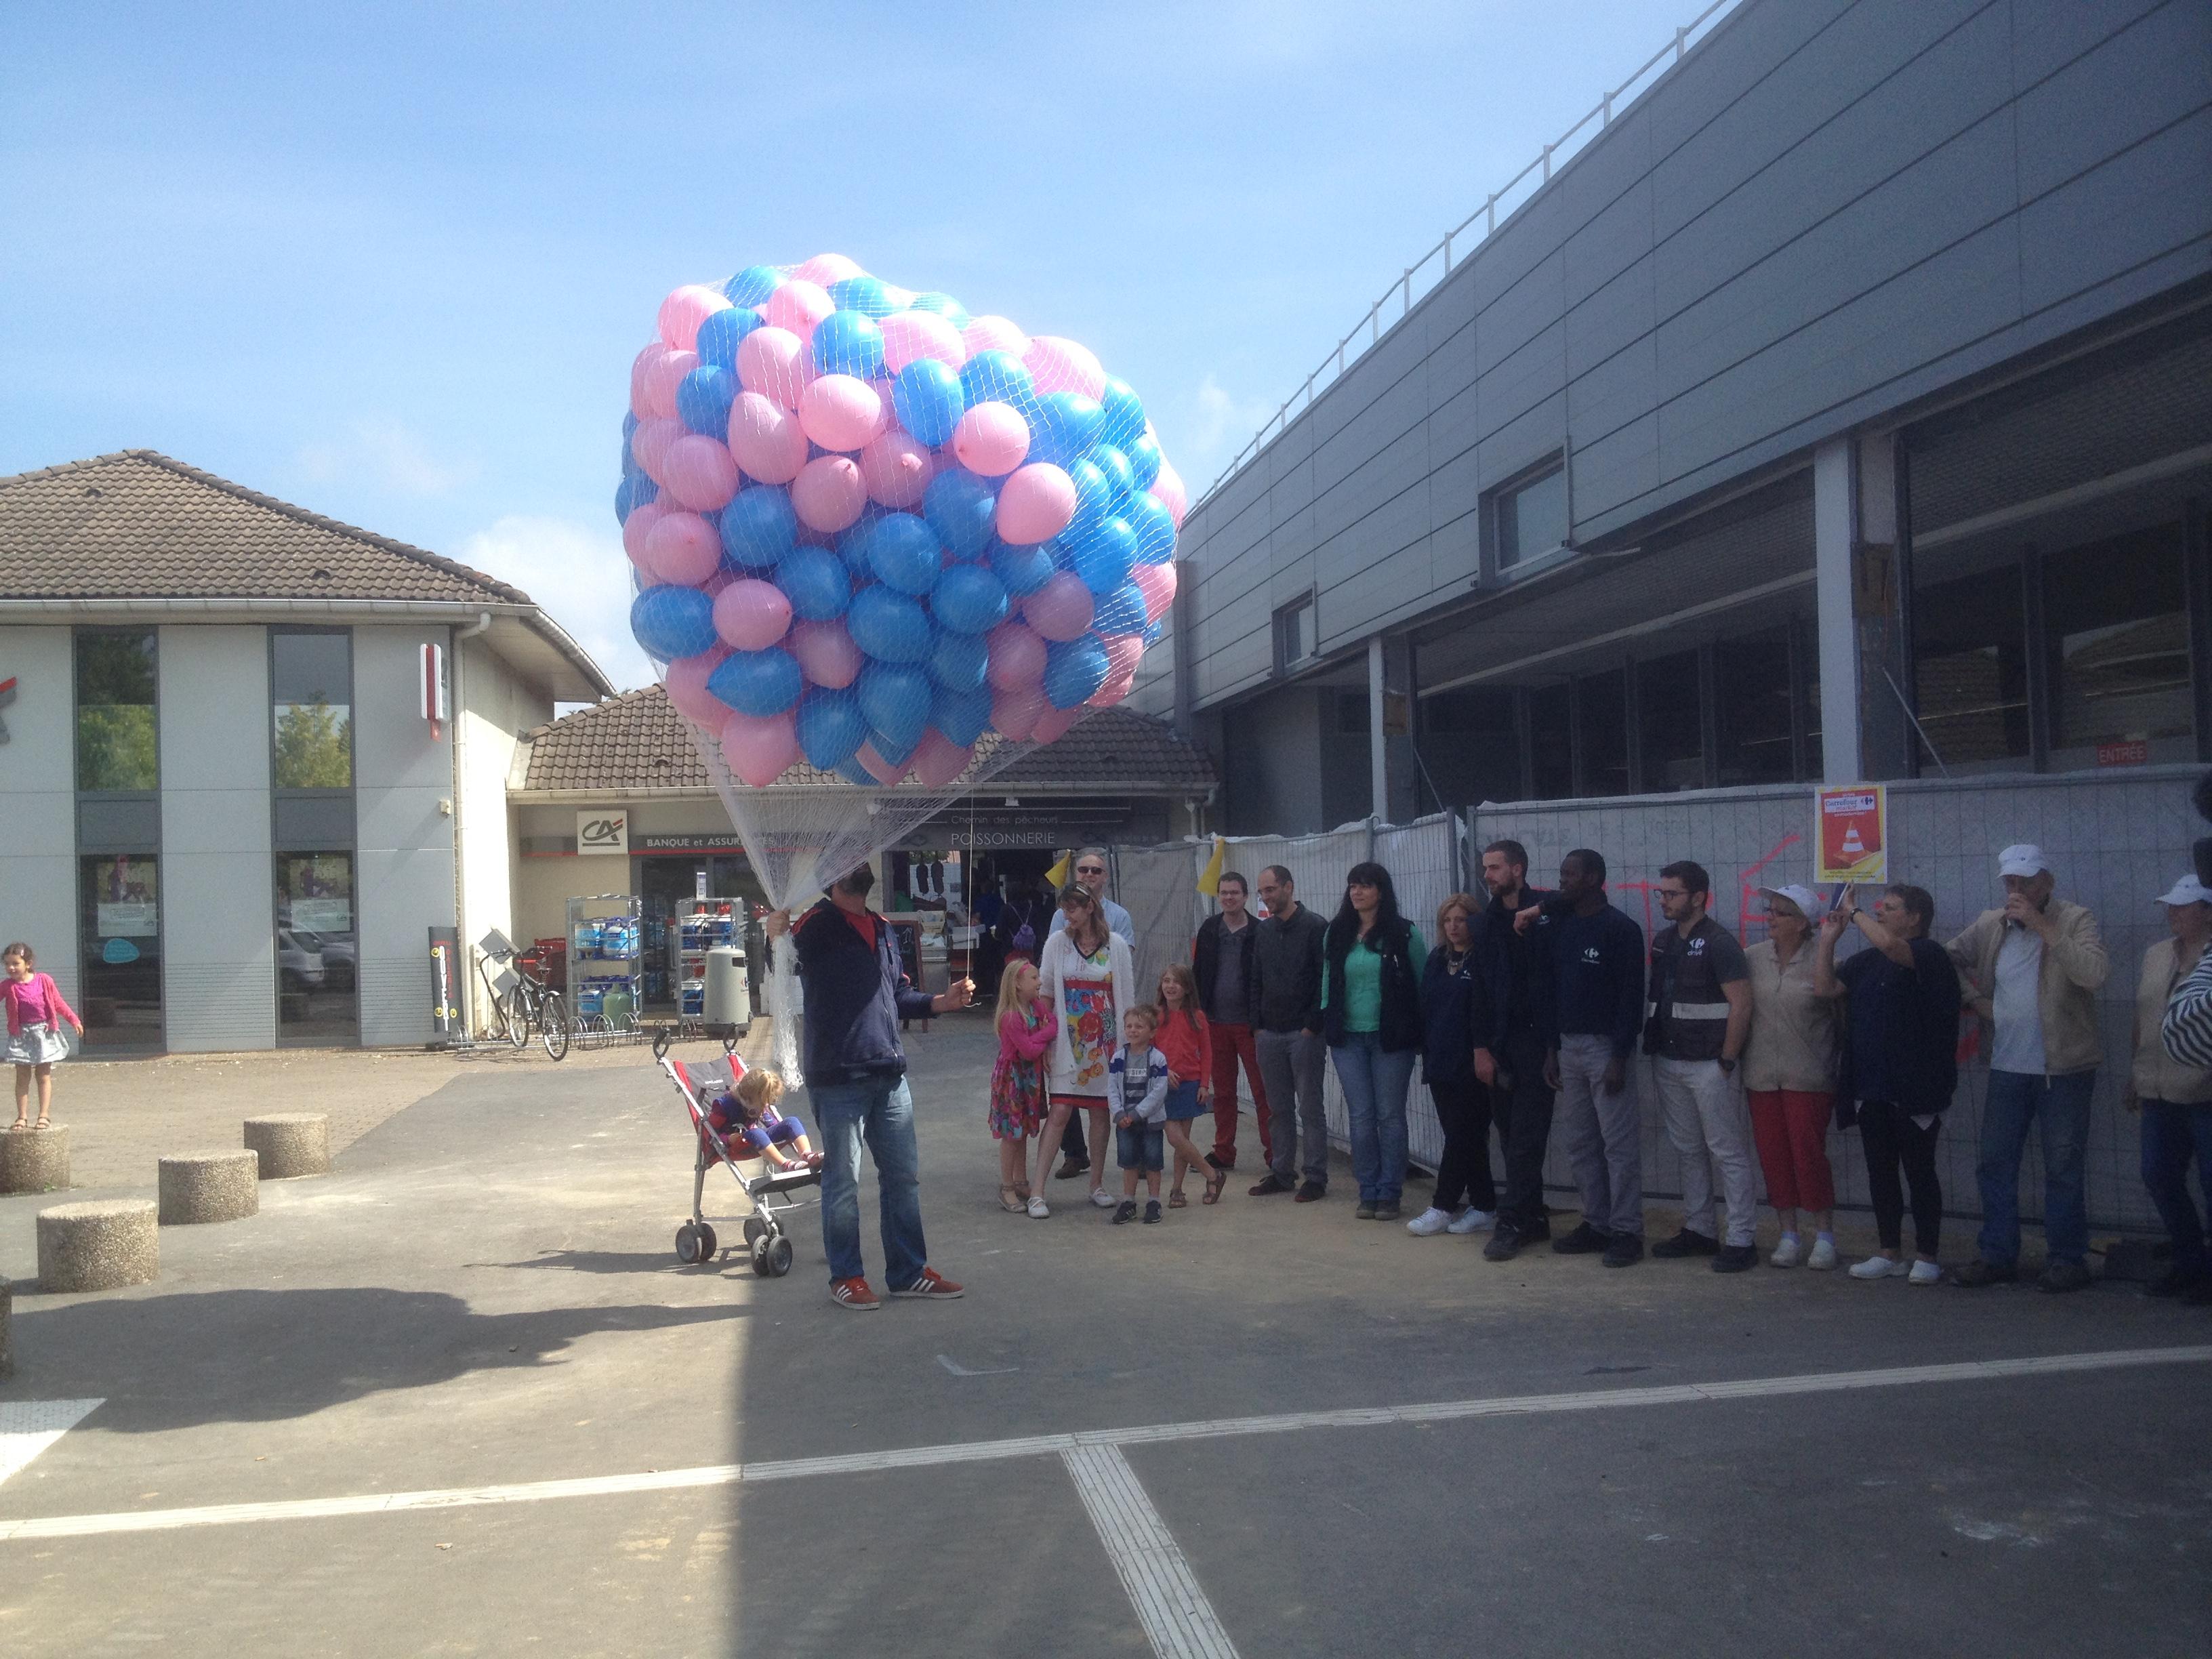 Lacher de Ballon Carrefour Market